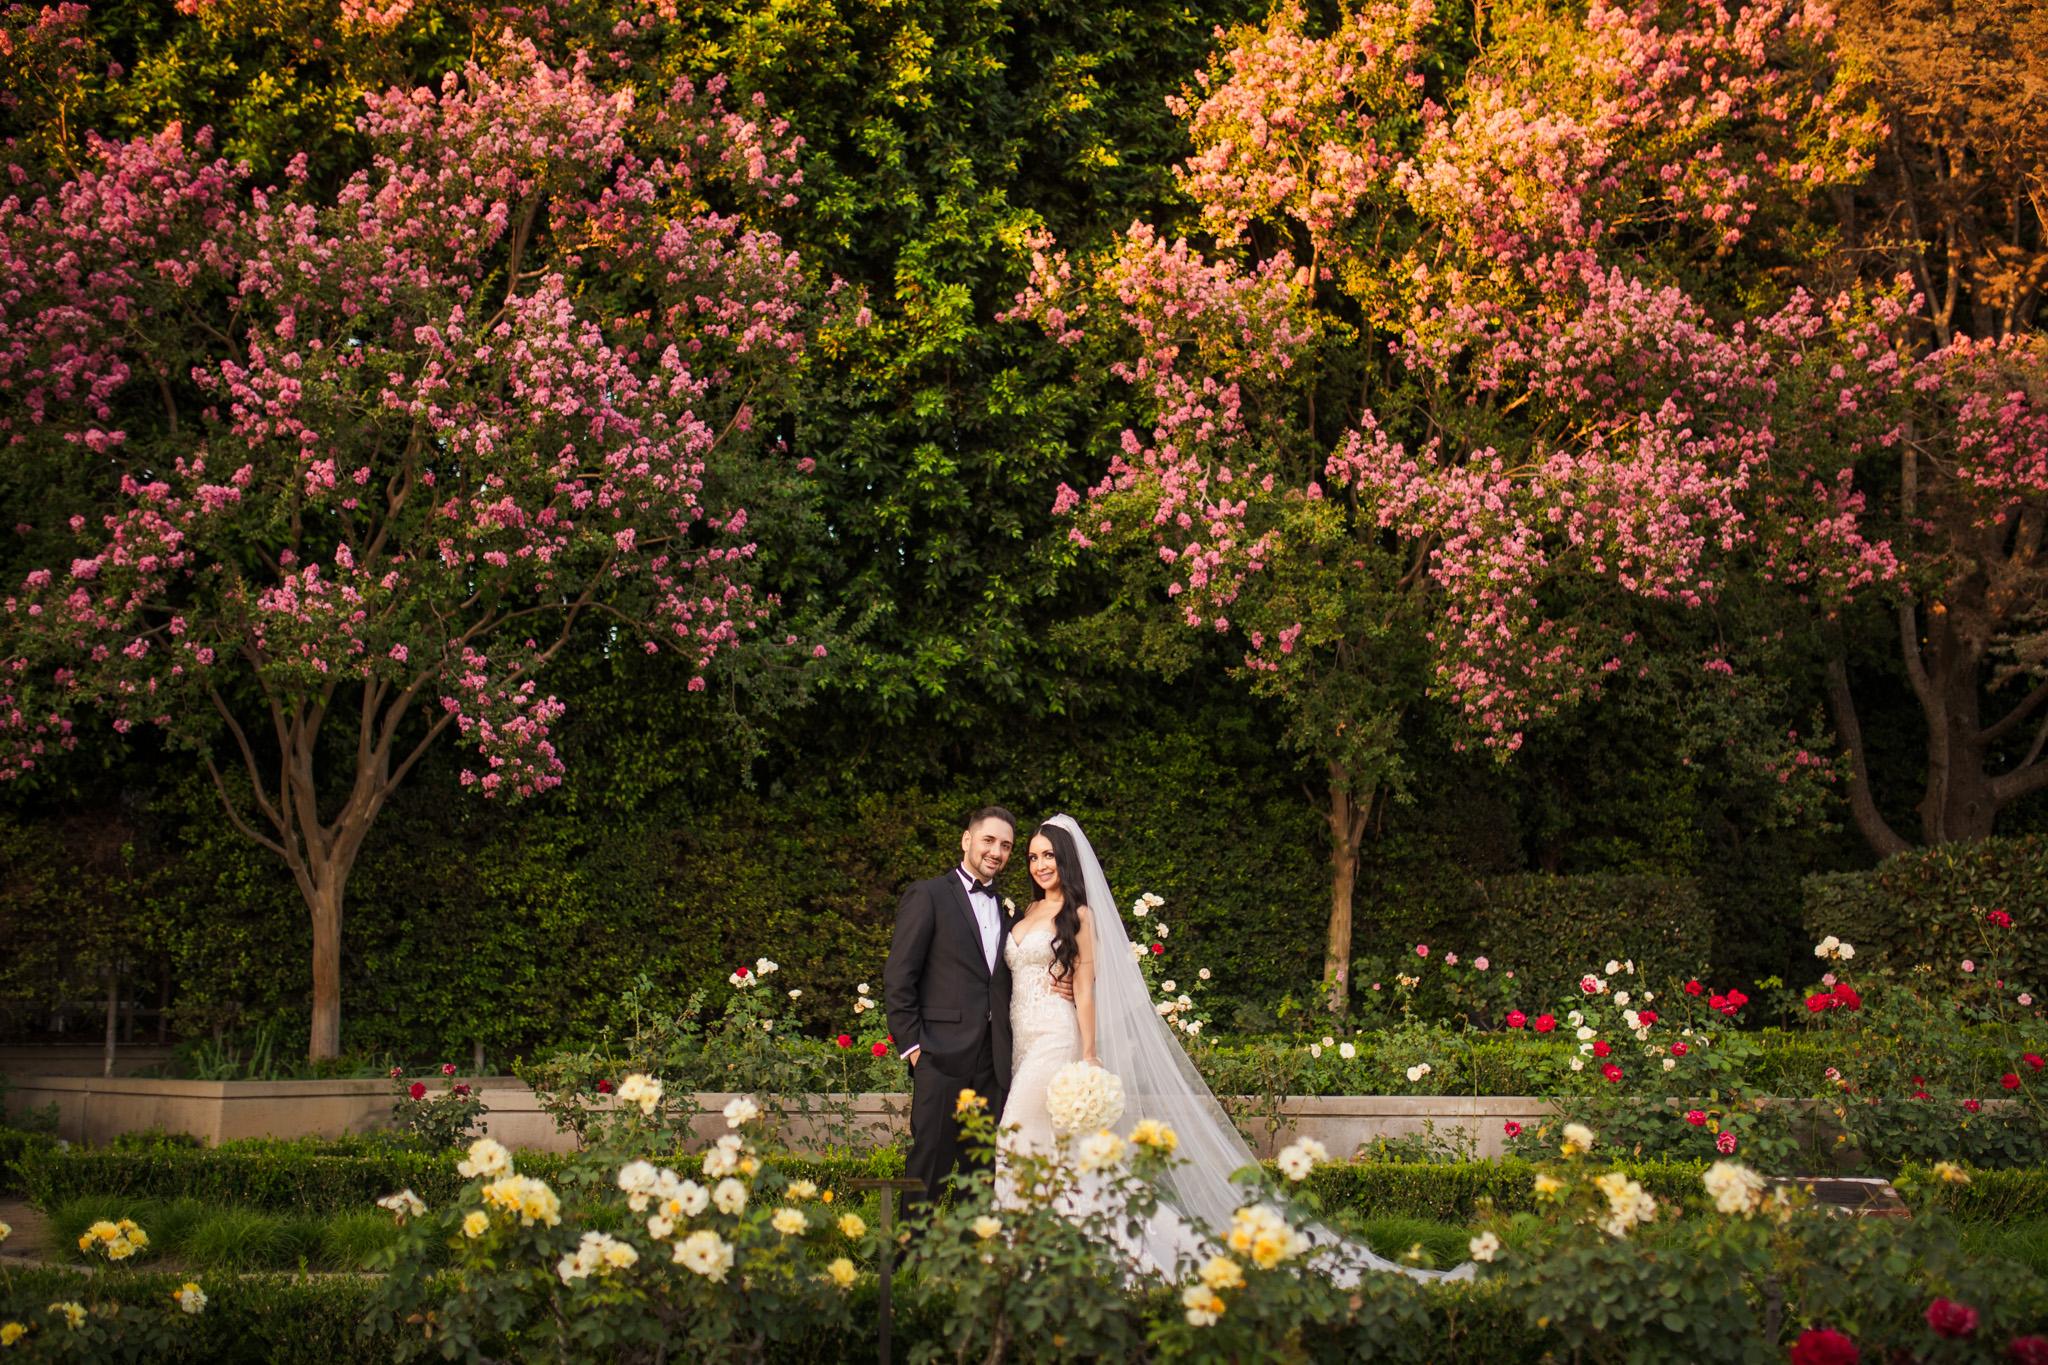 22 Richard Nixon Library Yorba Linda Wedding Photography